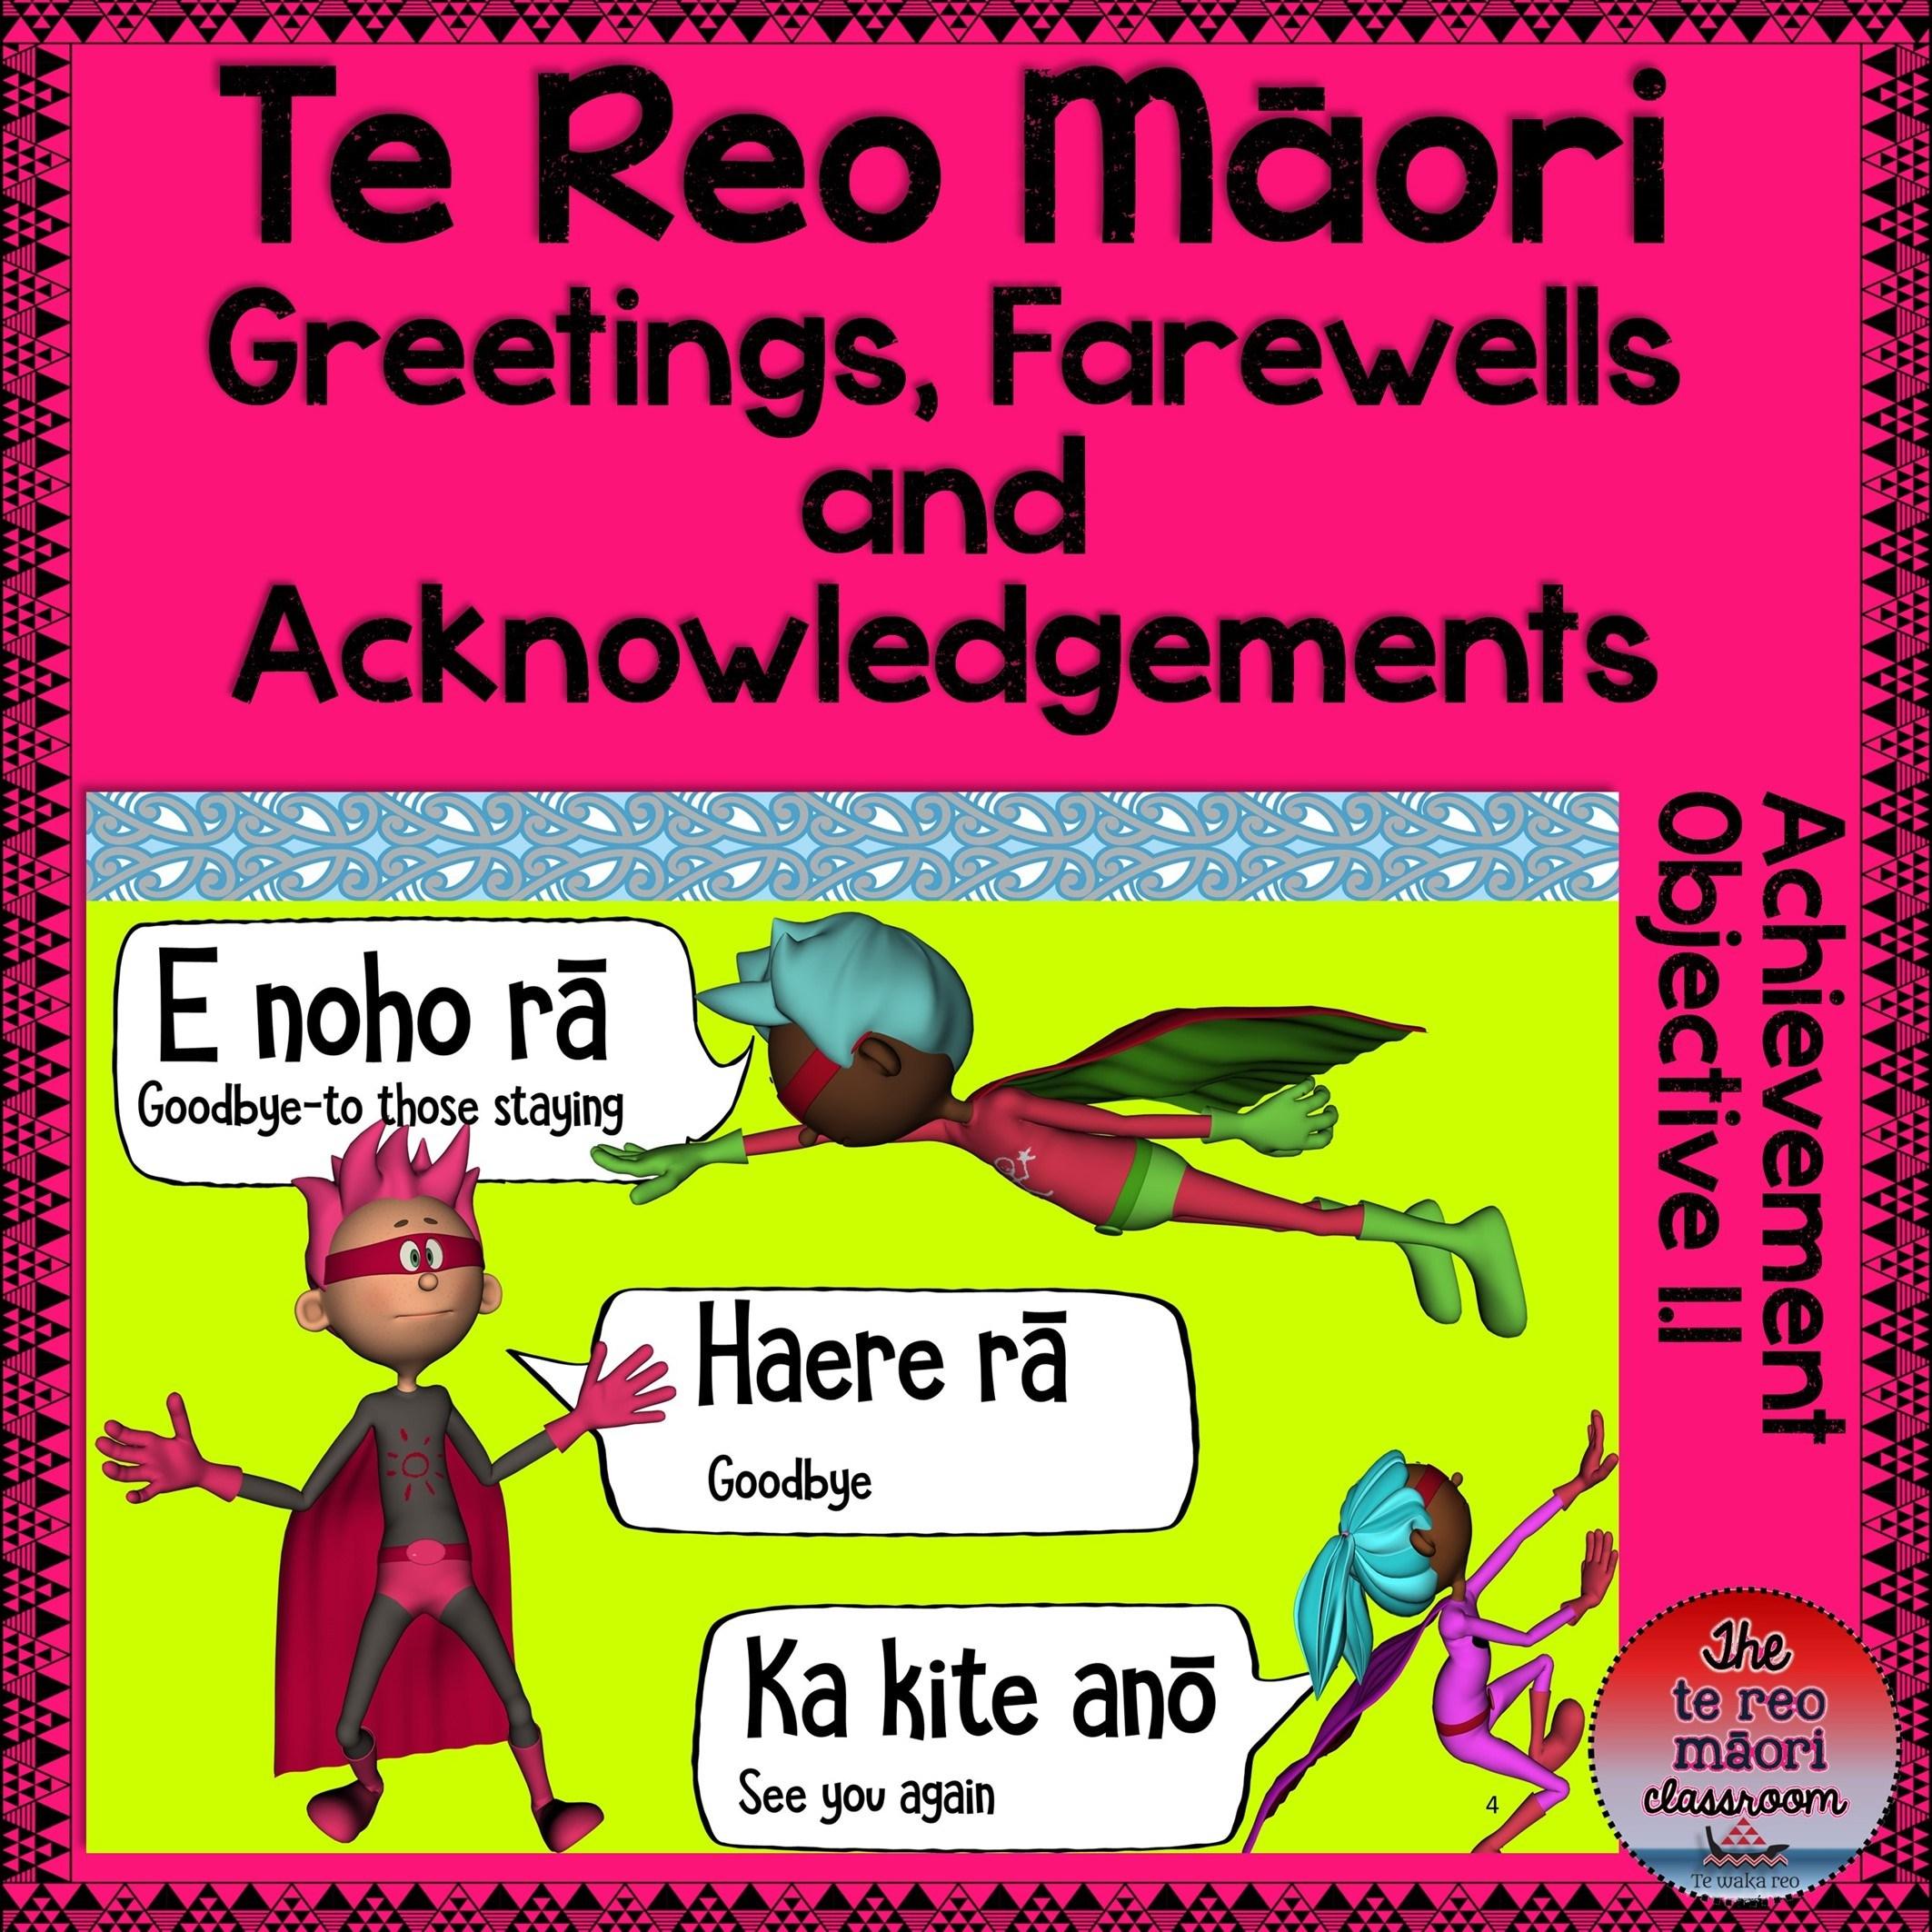 Te reo mori greetings farewells and acknowledgements the te reo te reo mori greetings farewells and acknowledgements m4hsunfo